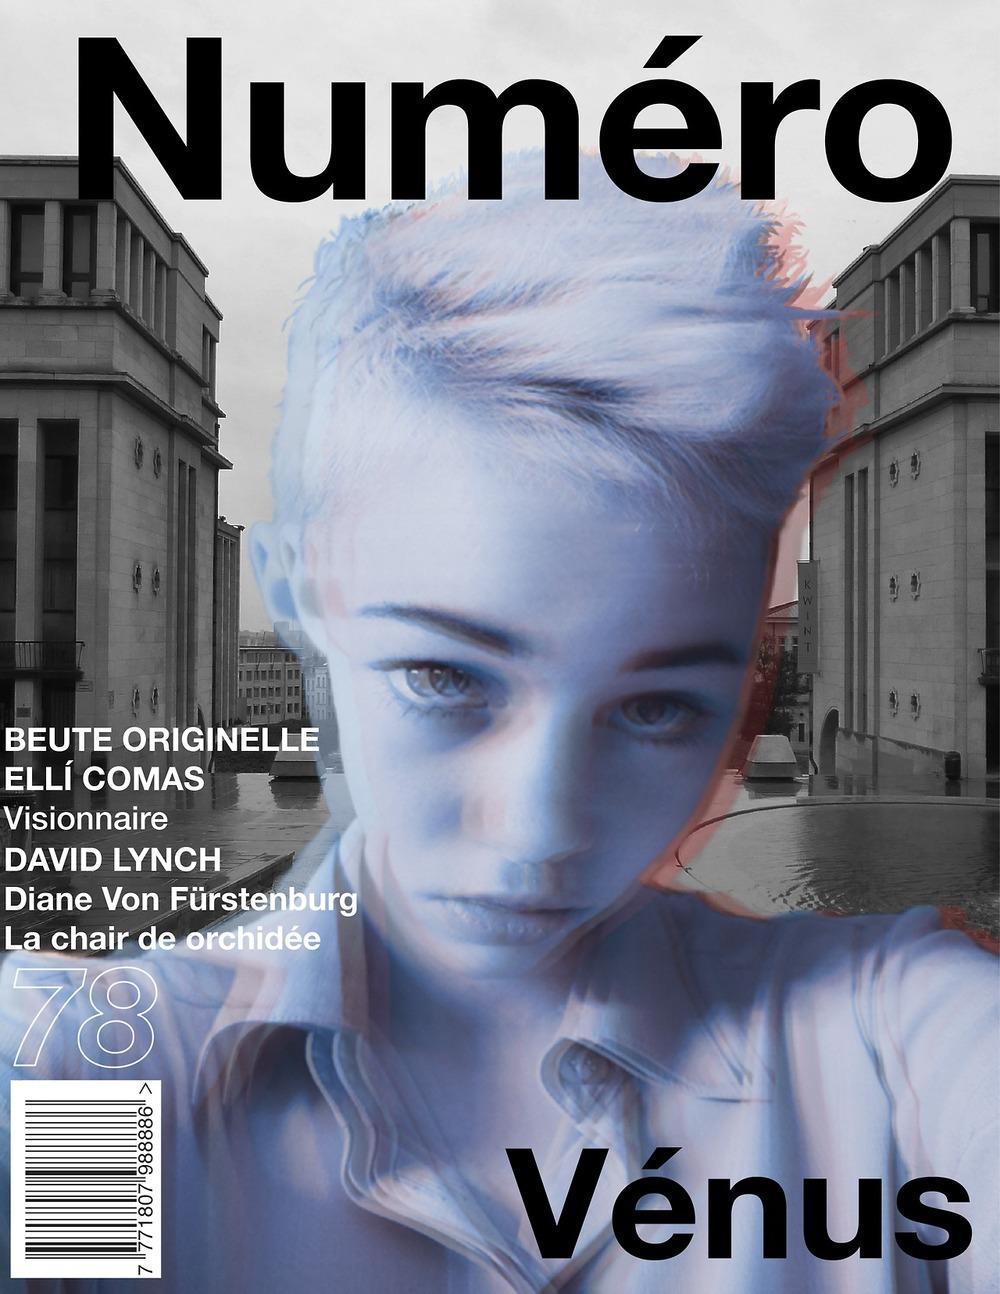 Numéro Magazine Cover Project.    Ellie Foxes x Francotron.